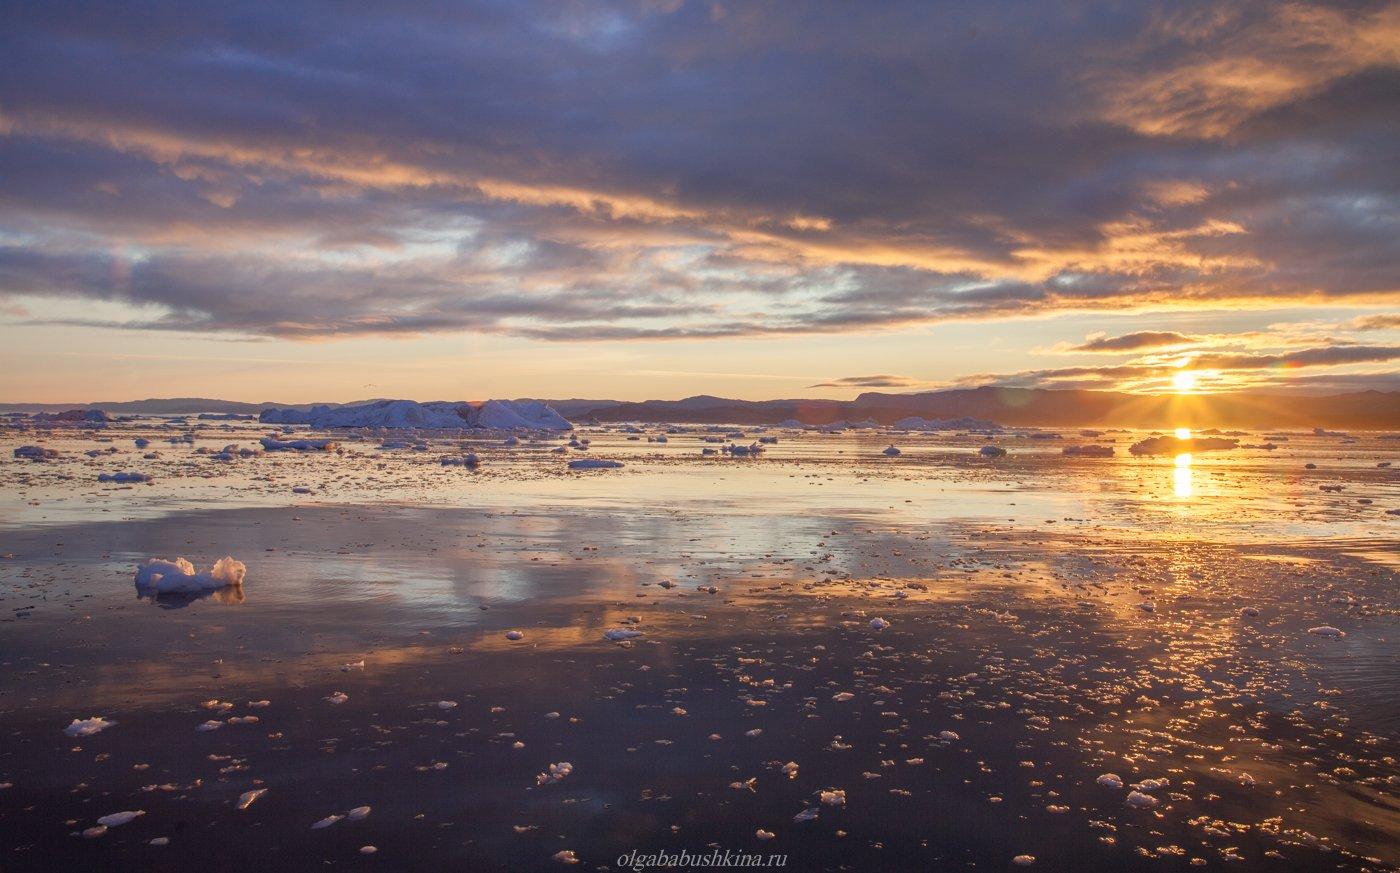 арктика, гренландия, arctic, greenland, sunrise, рассвет, фотопутешествие, фототур, Бабушкина Ольга